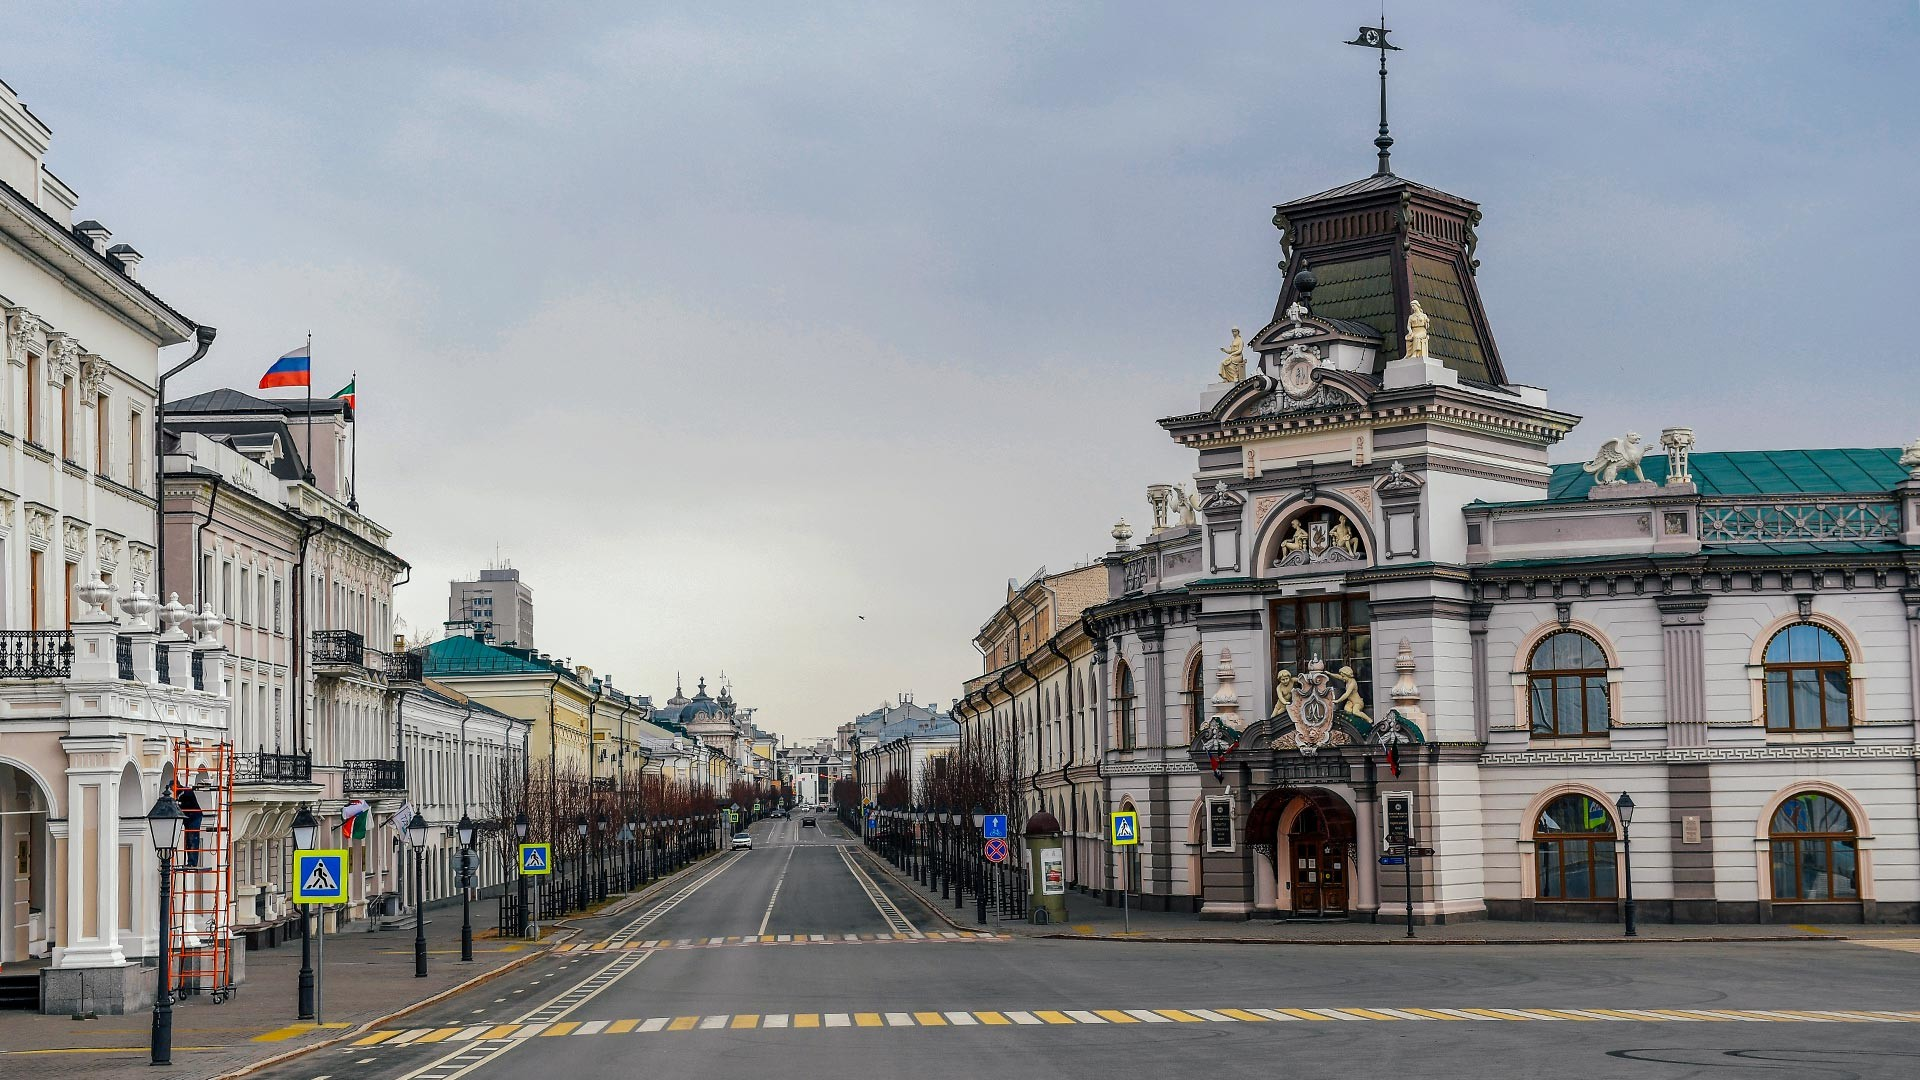 Кремљовска улица у Казању, иначе обично препуна људи.